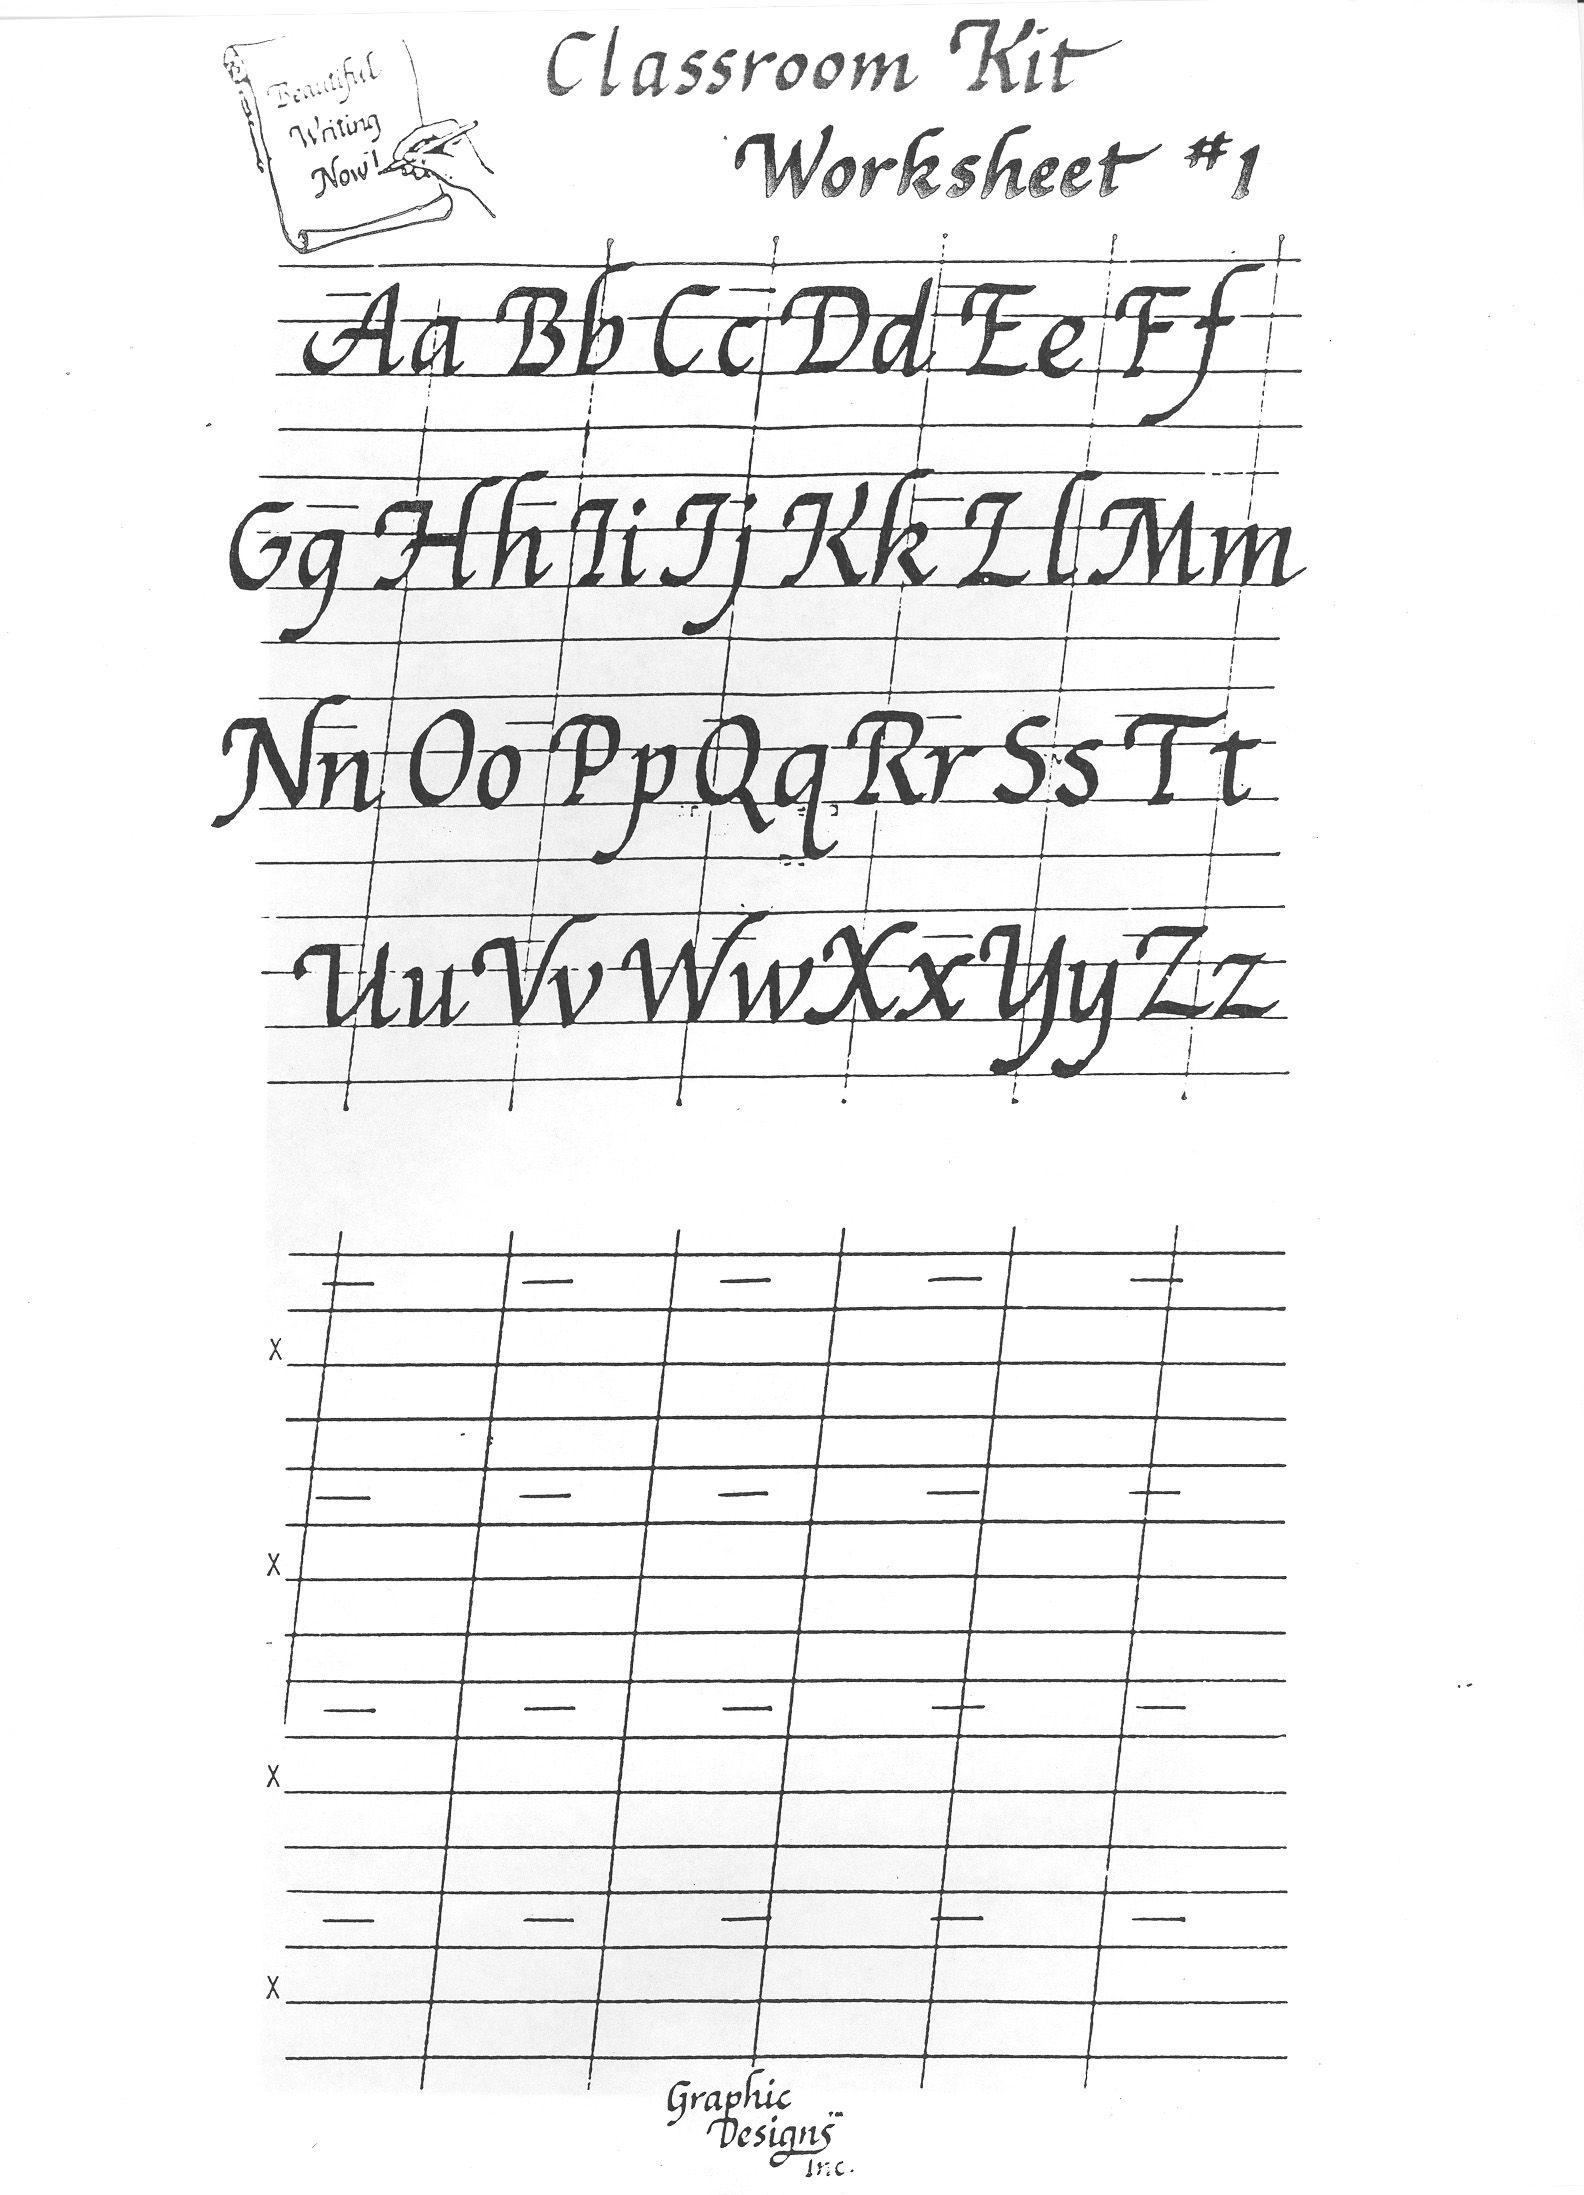 Free Printable Calligraphy Alphabet Practice Sheets   Scrapbooking - Free Printable Calligraphy Worksheets